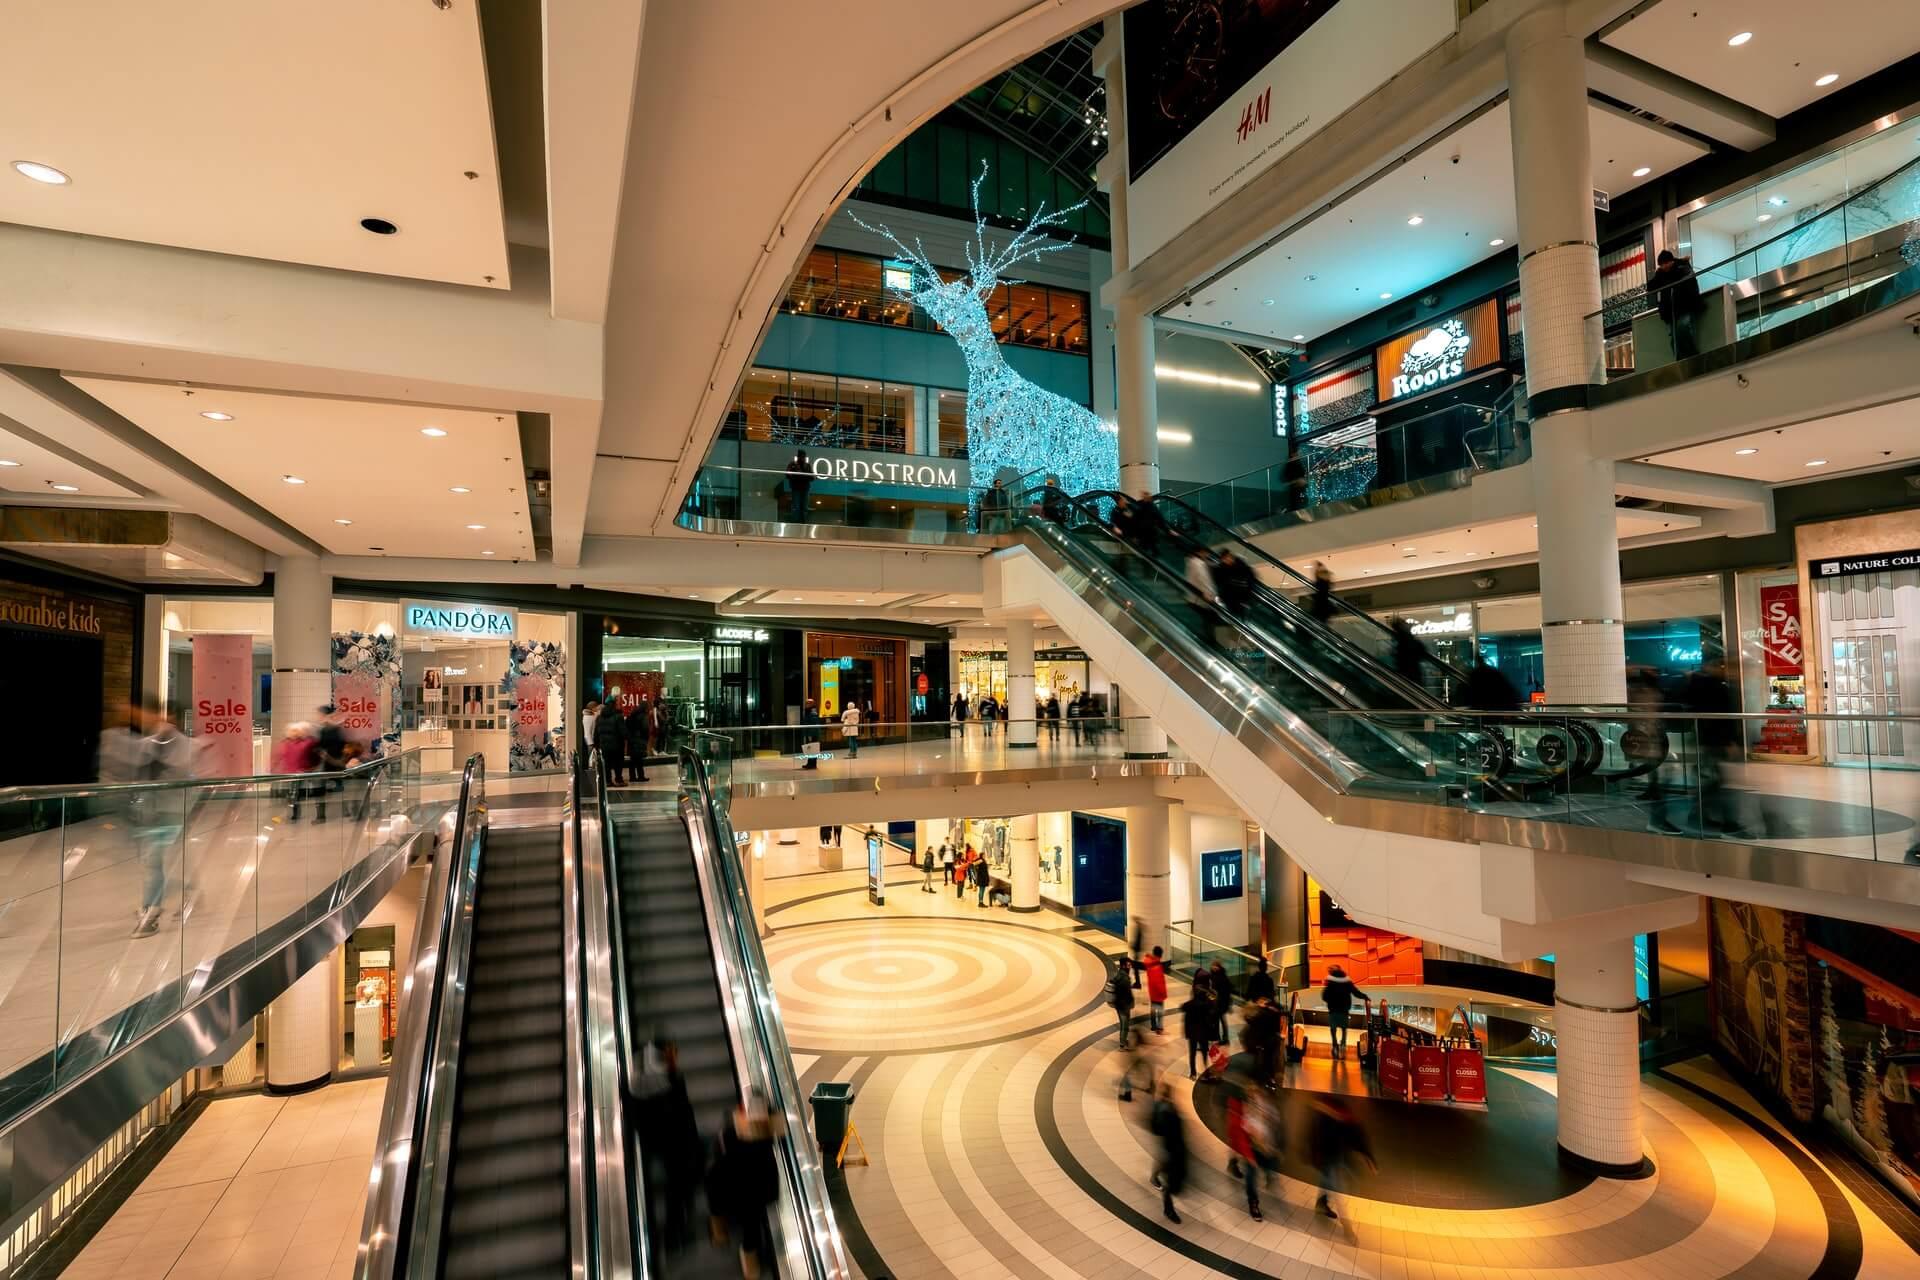 Epidemiologinja kaže da djeca ne trebaju ići u trgovine i shopping centre: Evo na koga se to odnosi